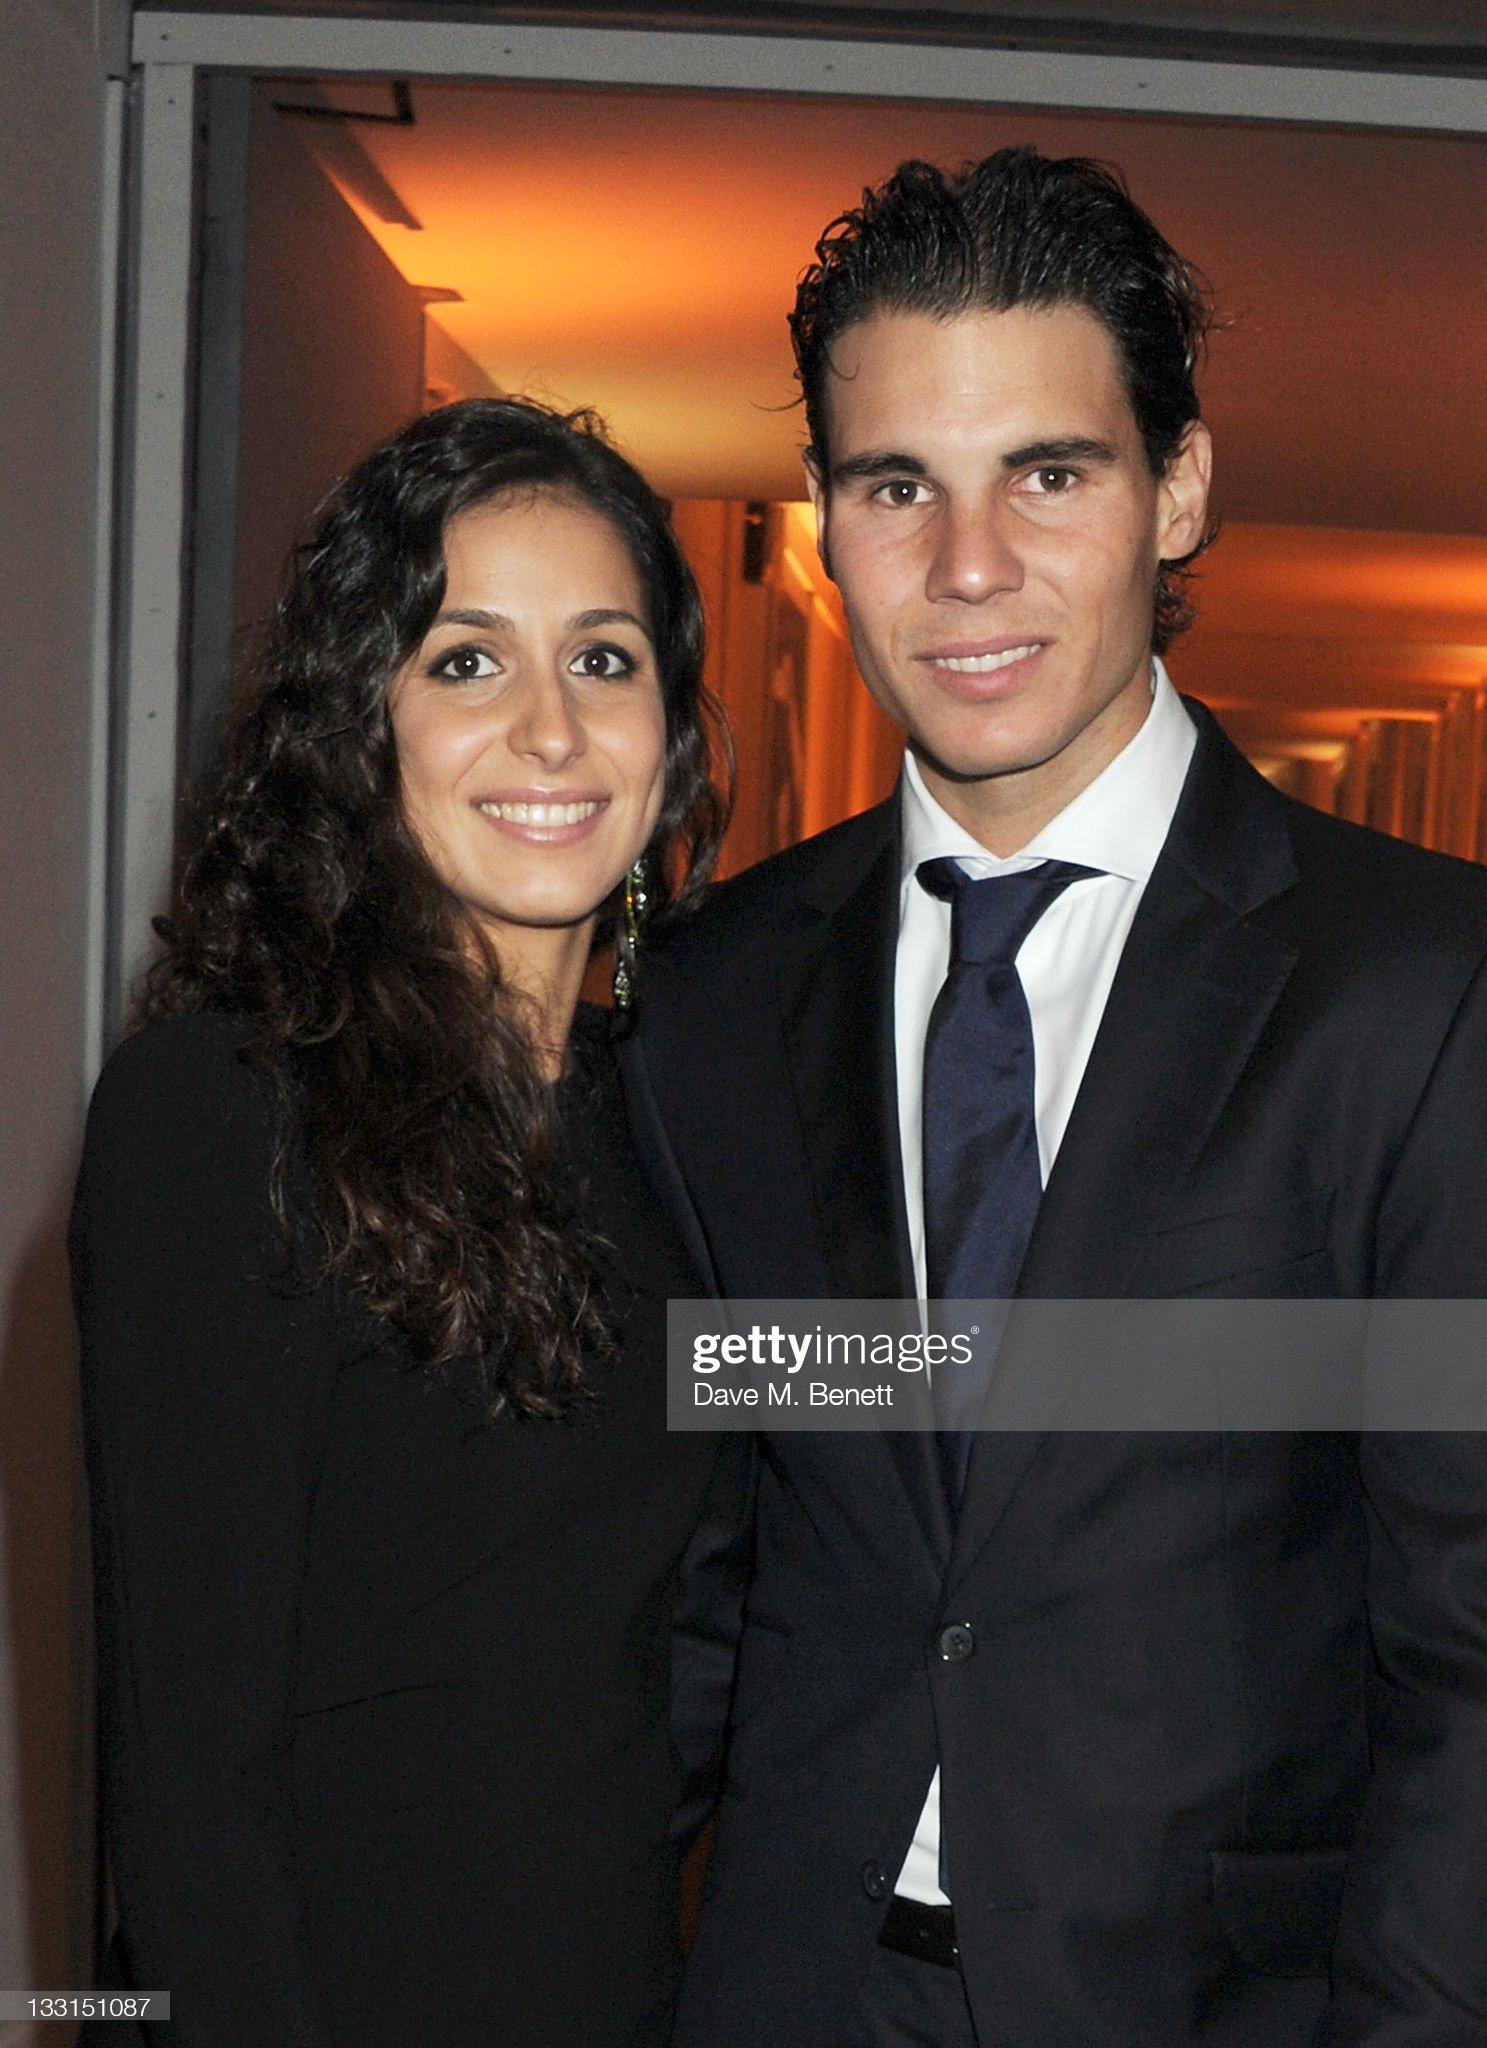 España y sus variedades - Página 26 Maria-francisca-perello-and-tennis-player-rafael-nadal-attend-a-night-picture-id133151087?s=2048x2048